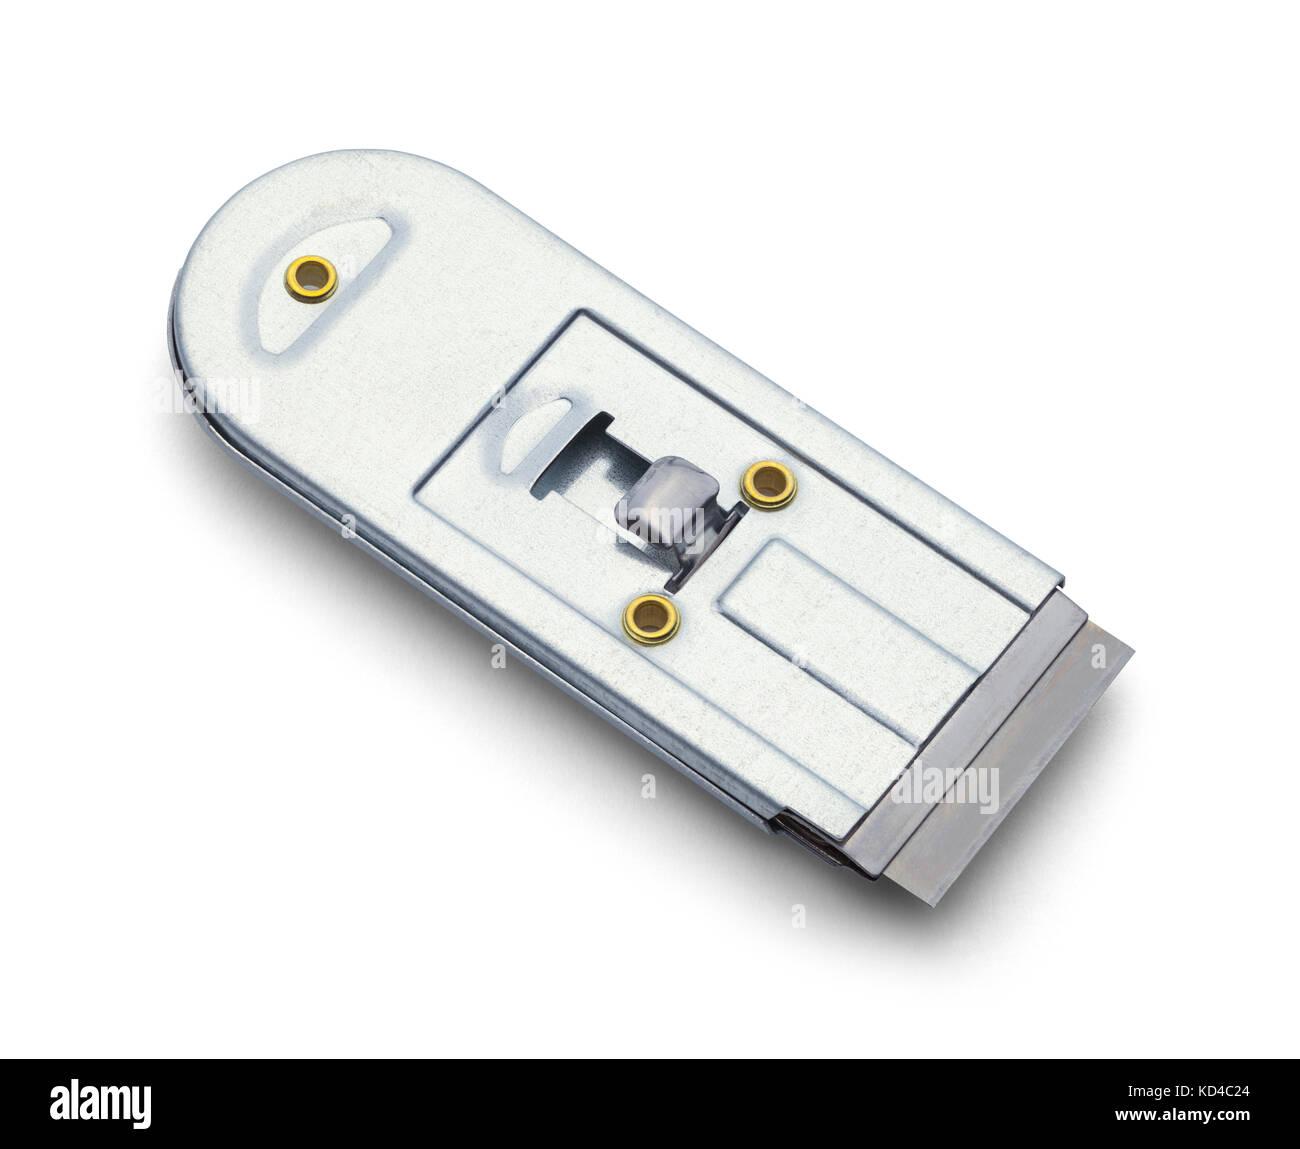 Razor Blade Holder Isolated on a White Background. - Stock Image